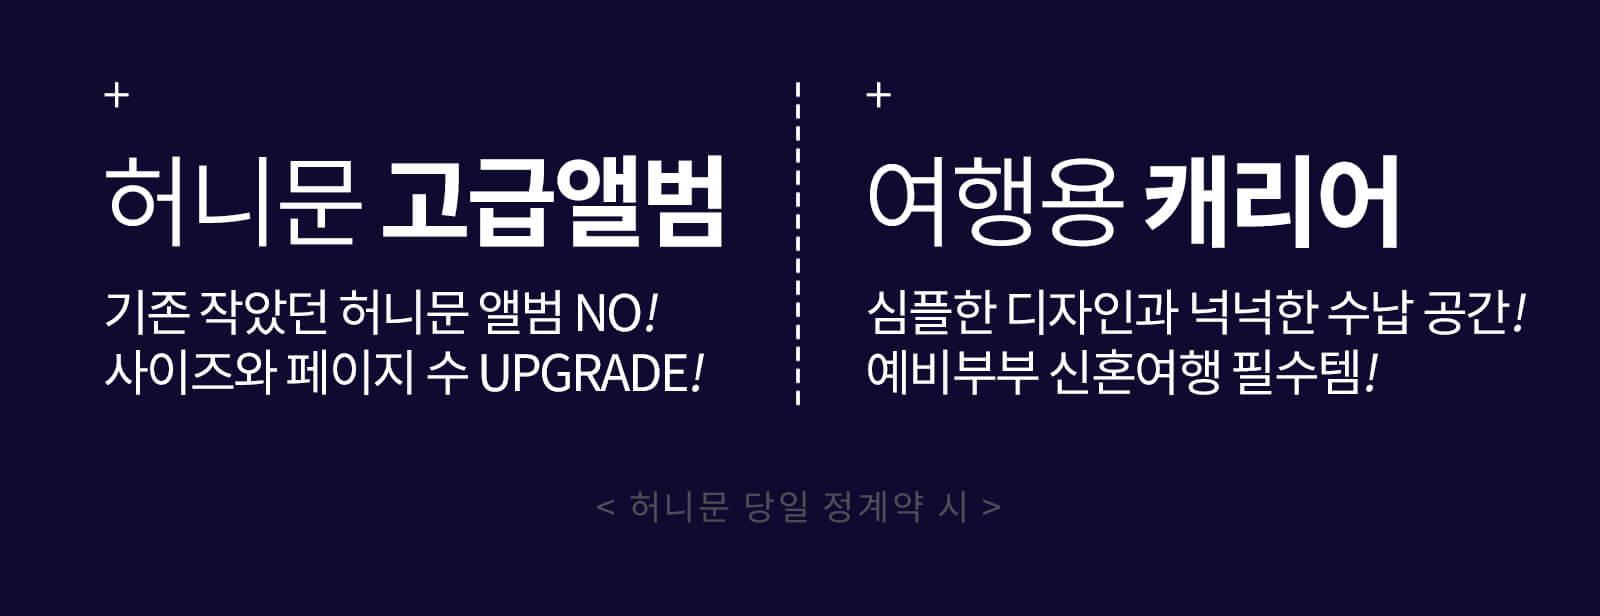 허니문+스드메